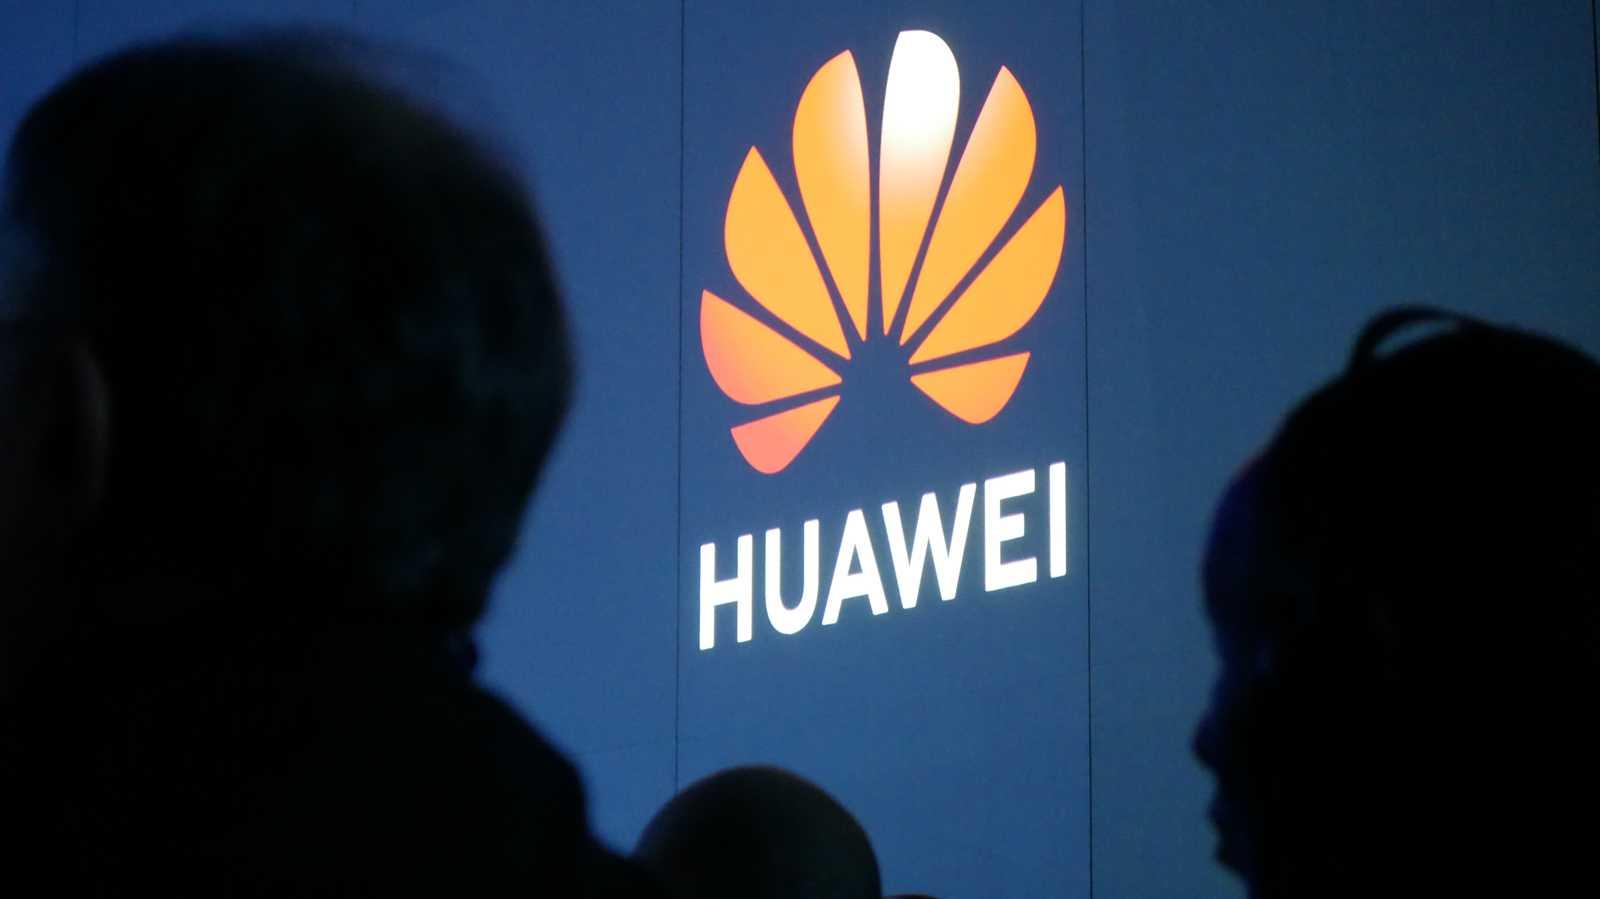 Huawei-Streit in britischer Regierung: May feuert Verteidigungsminister Williamson